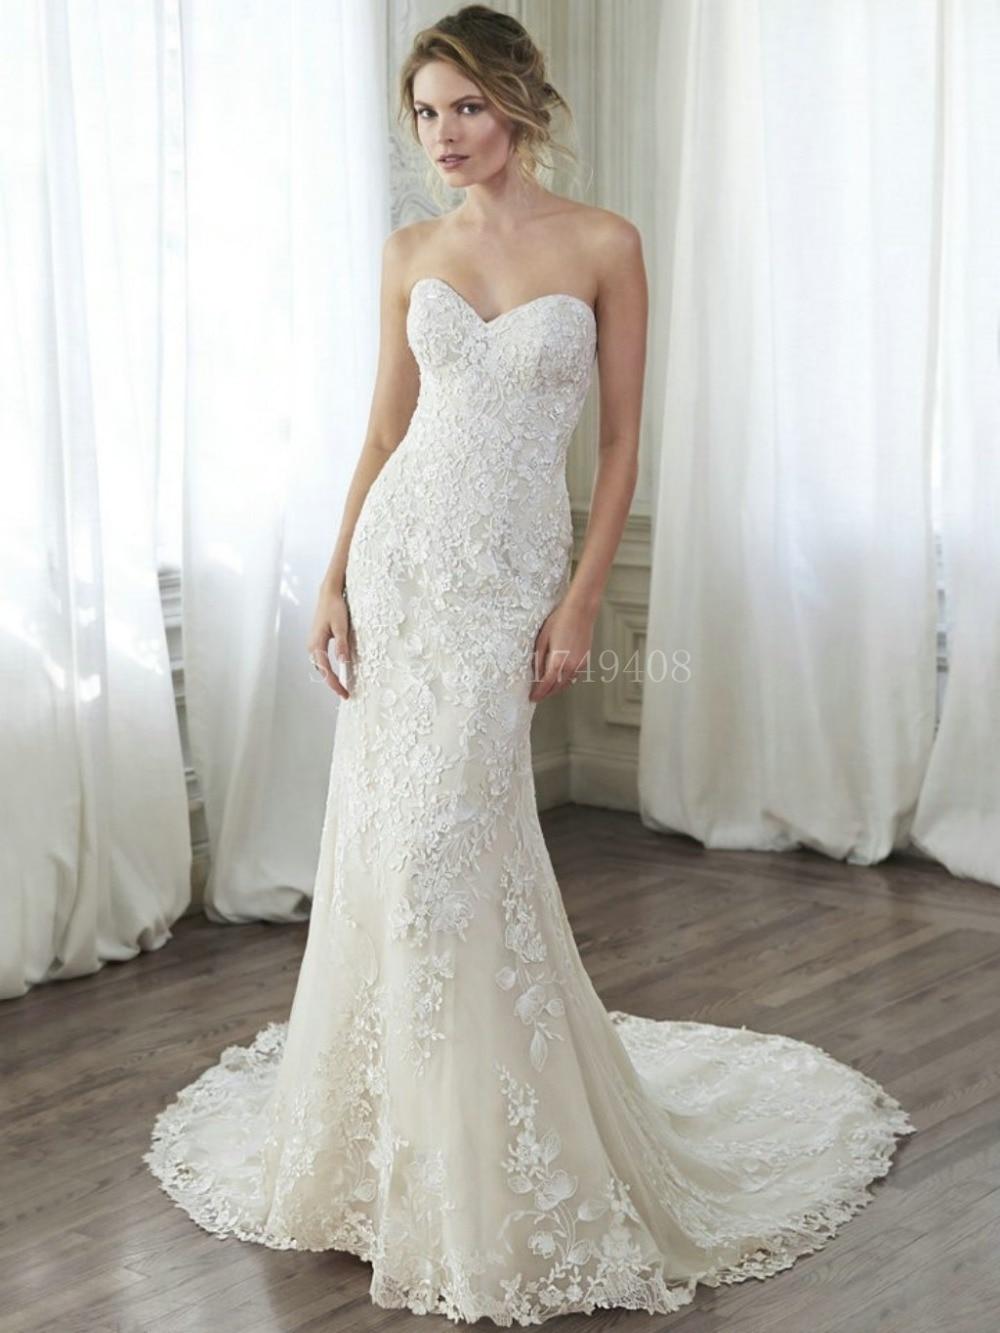 attractive wedding dresses look best bride sexy wedding dresses images sexy mermaid wedding dresses minimalist design